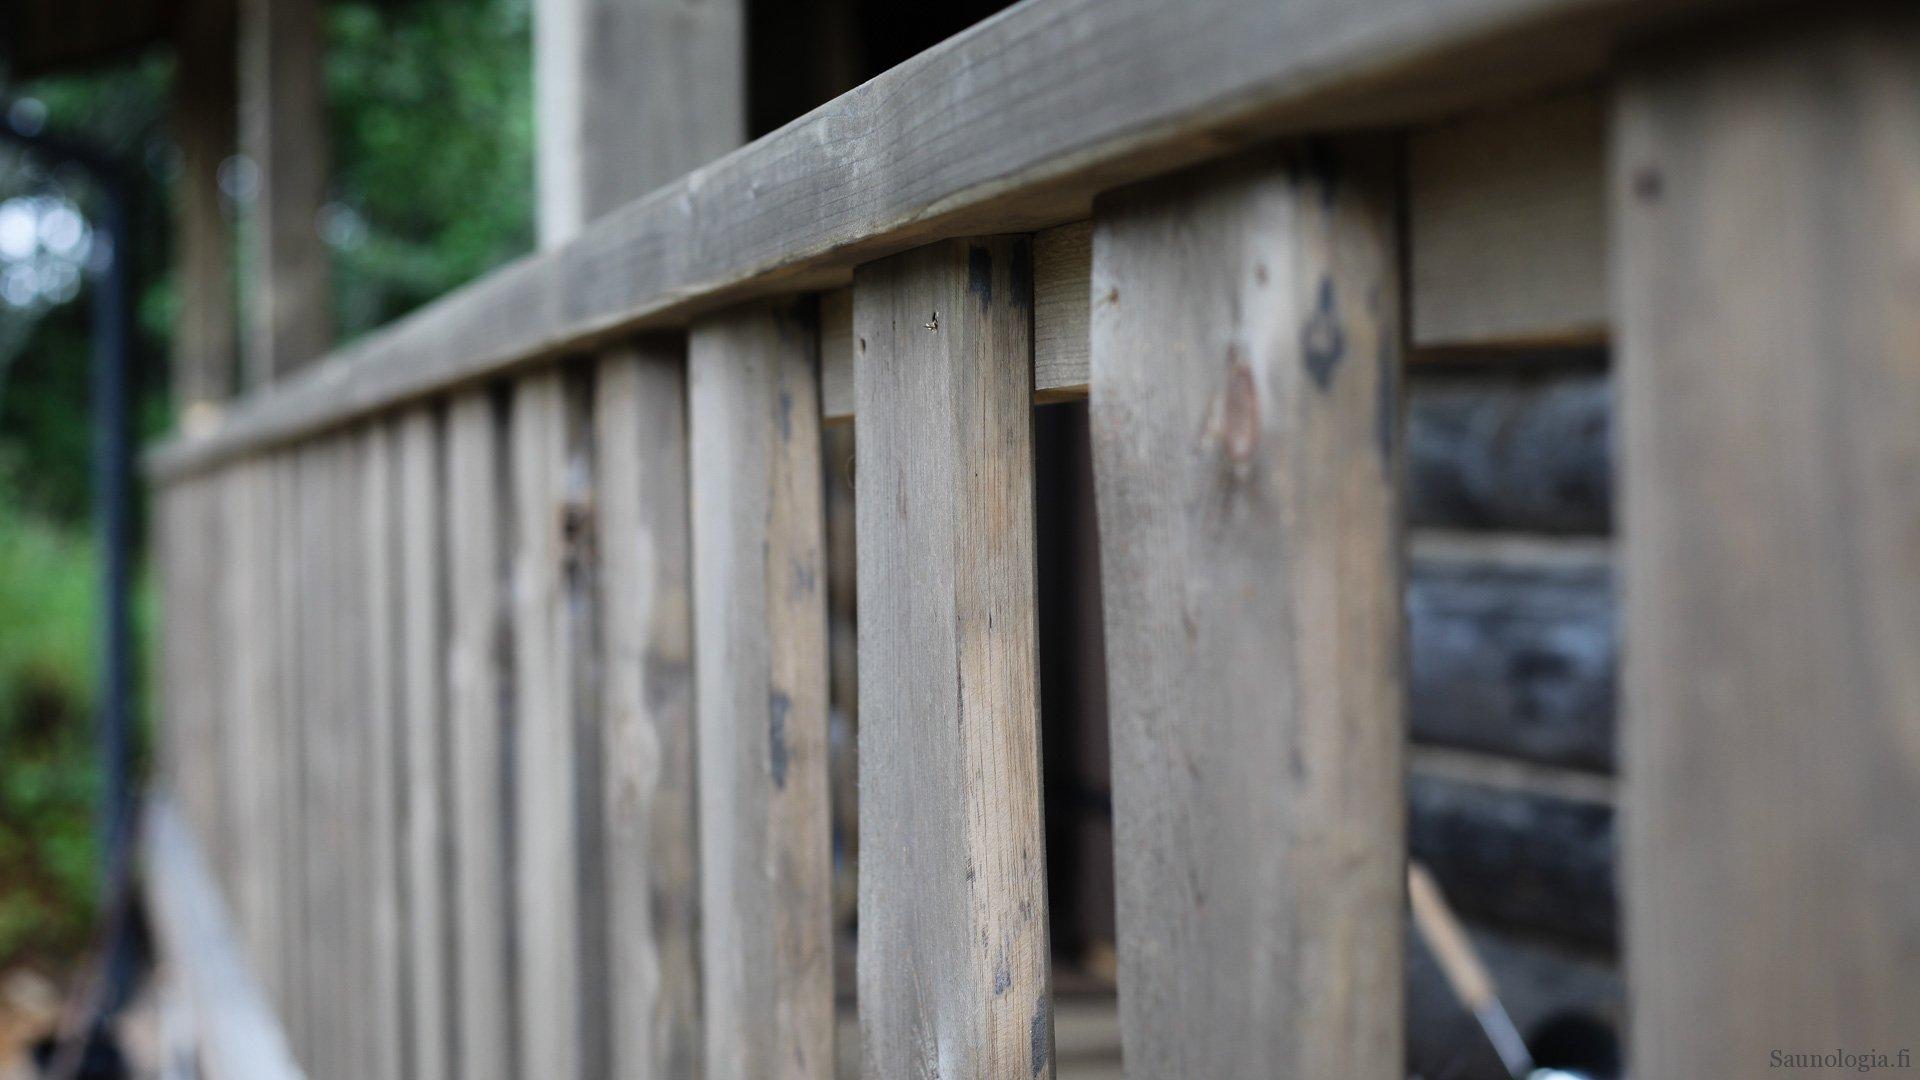 Saunamökin terassin kaidemääräykset ja kaideratkaisut